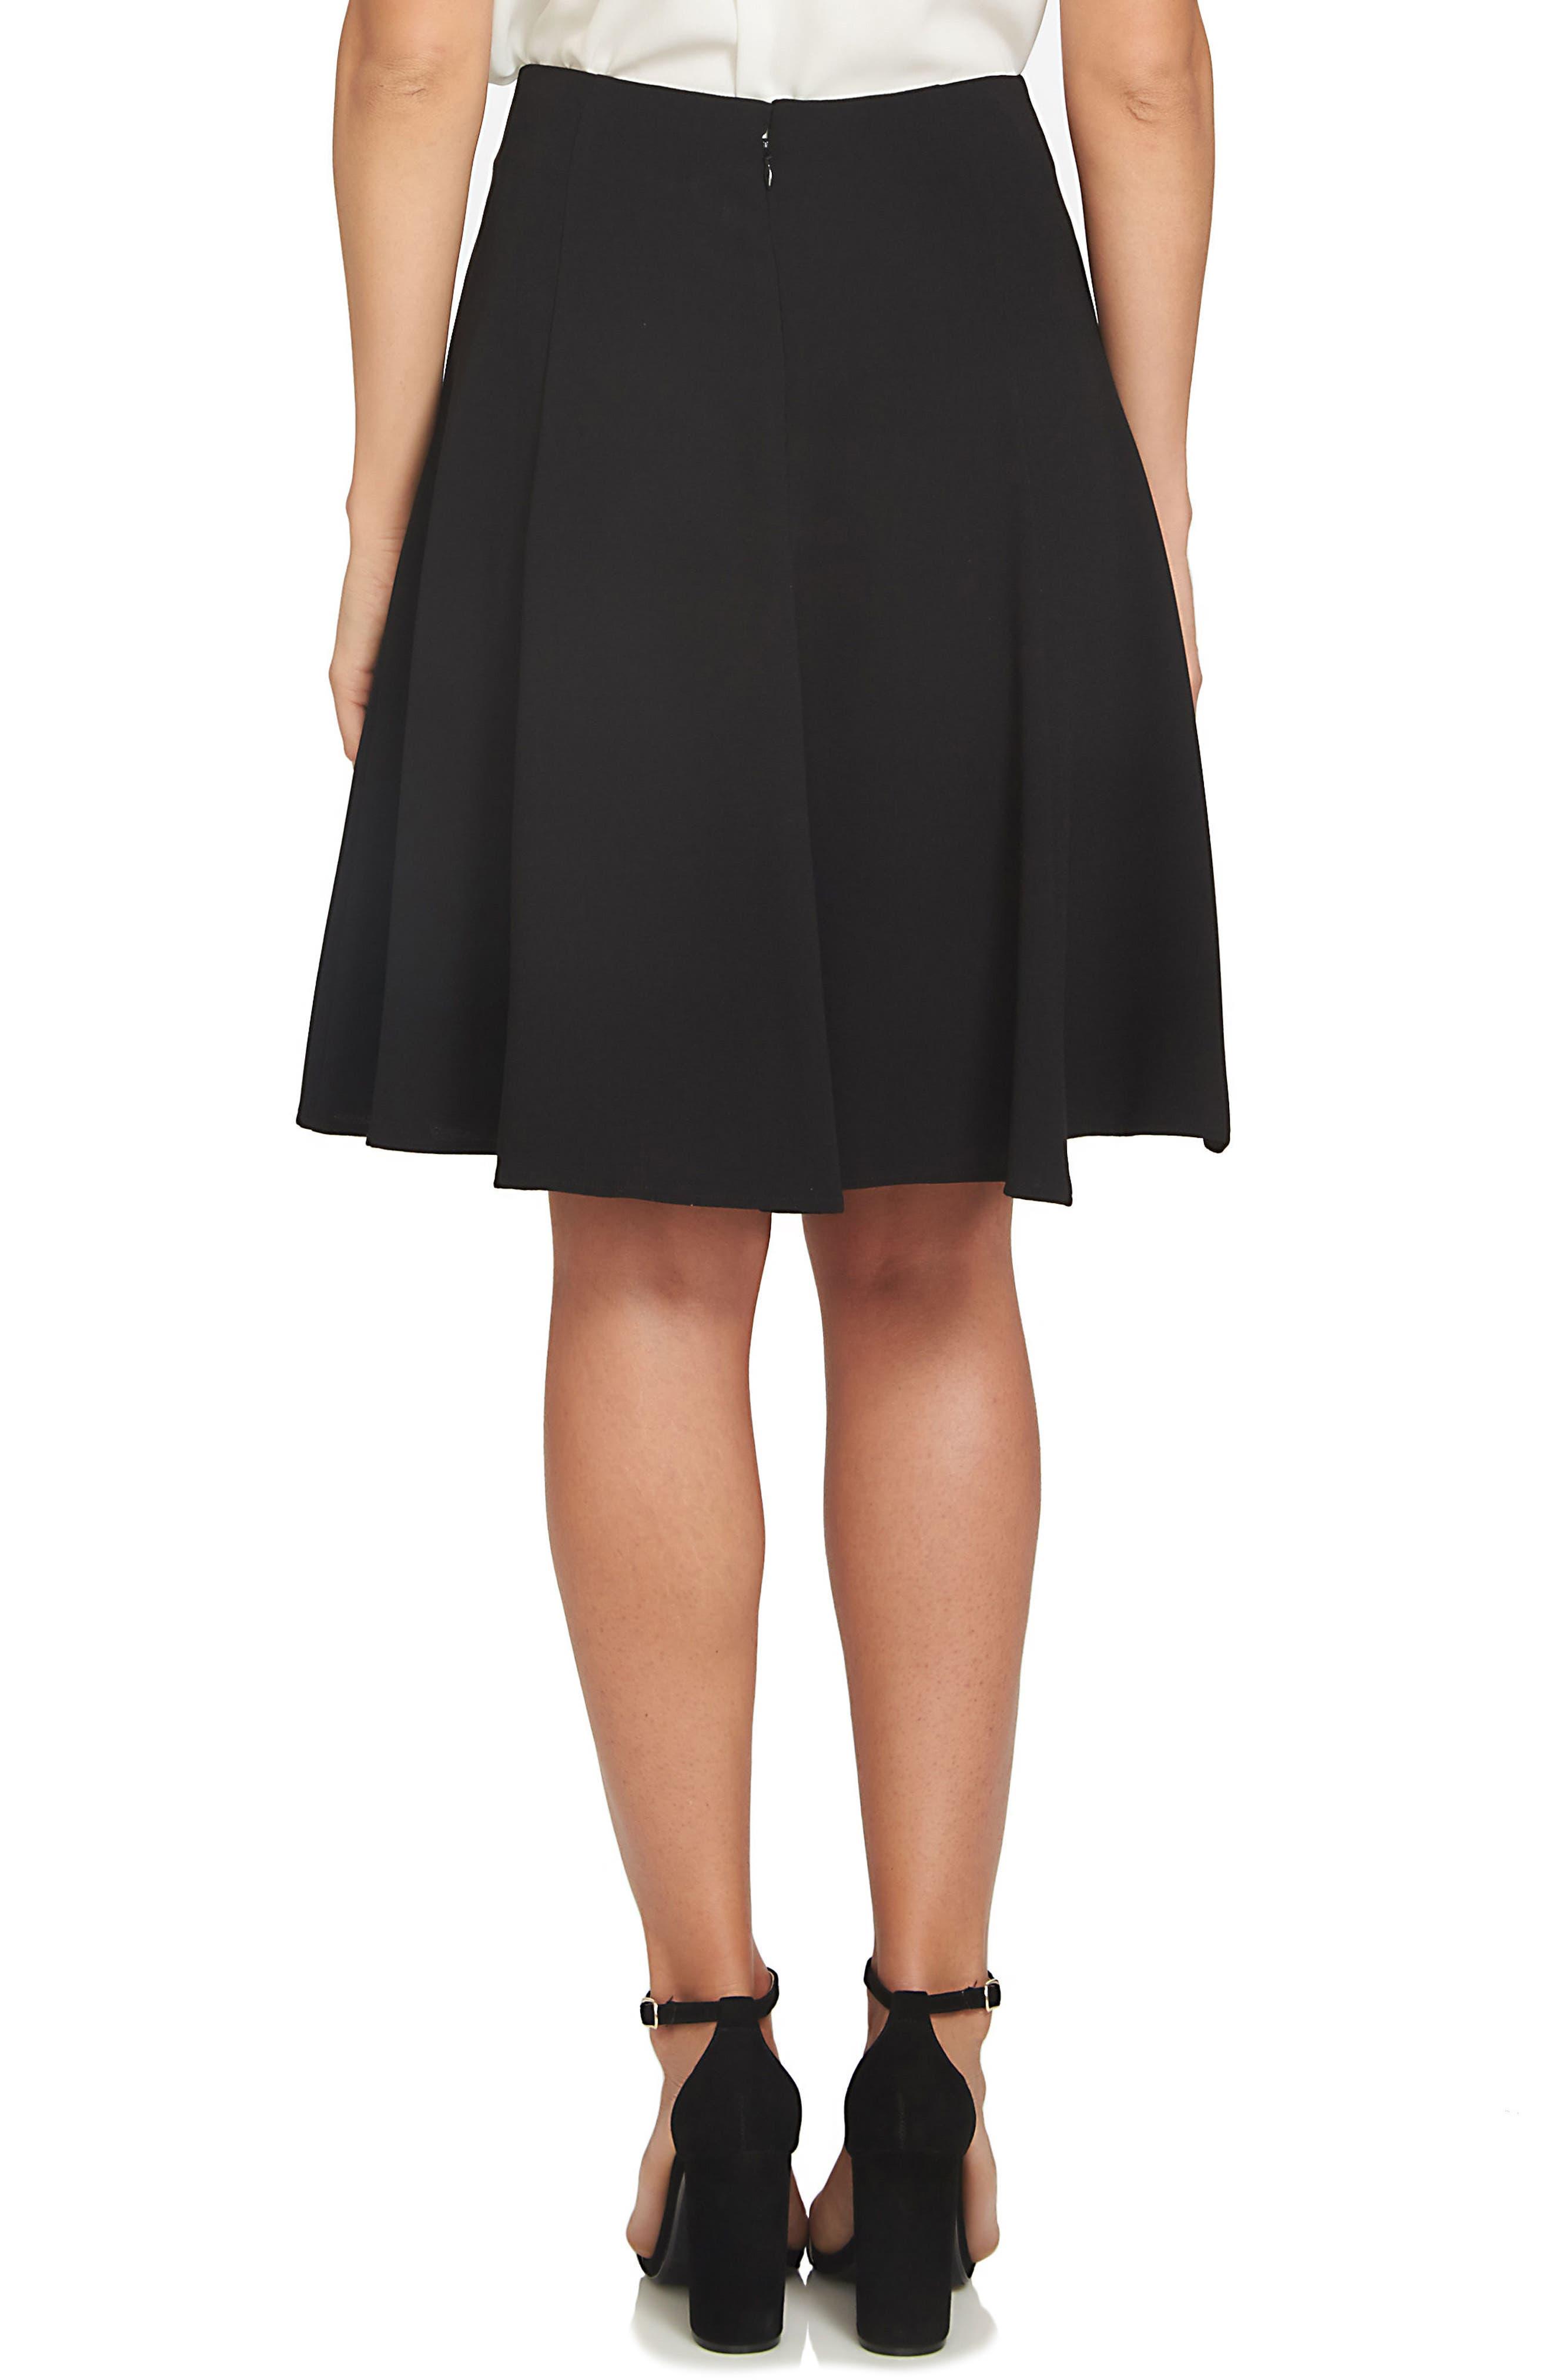 CECE, Crepe A-Line Skirt, Alternate thumbnail 2, color, BLACK